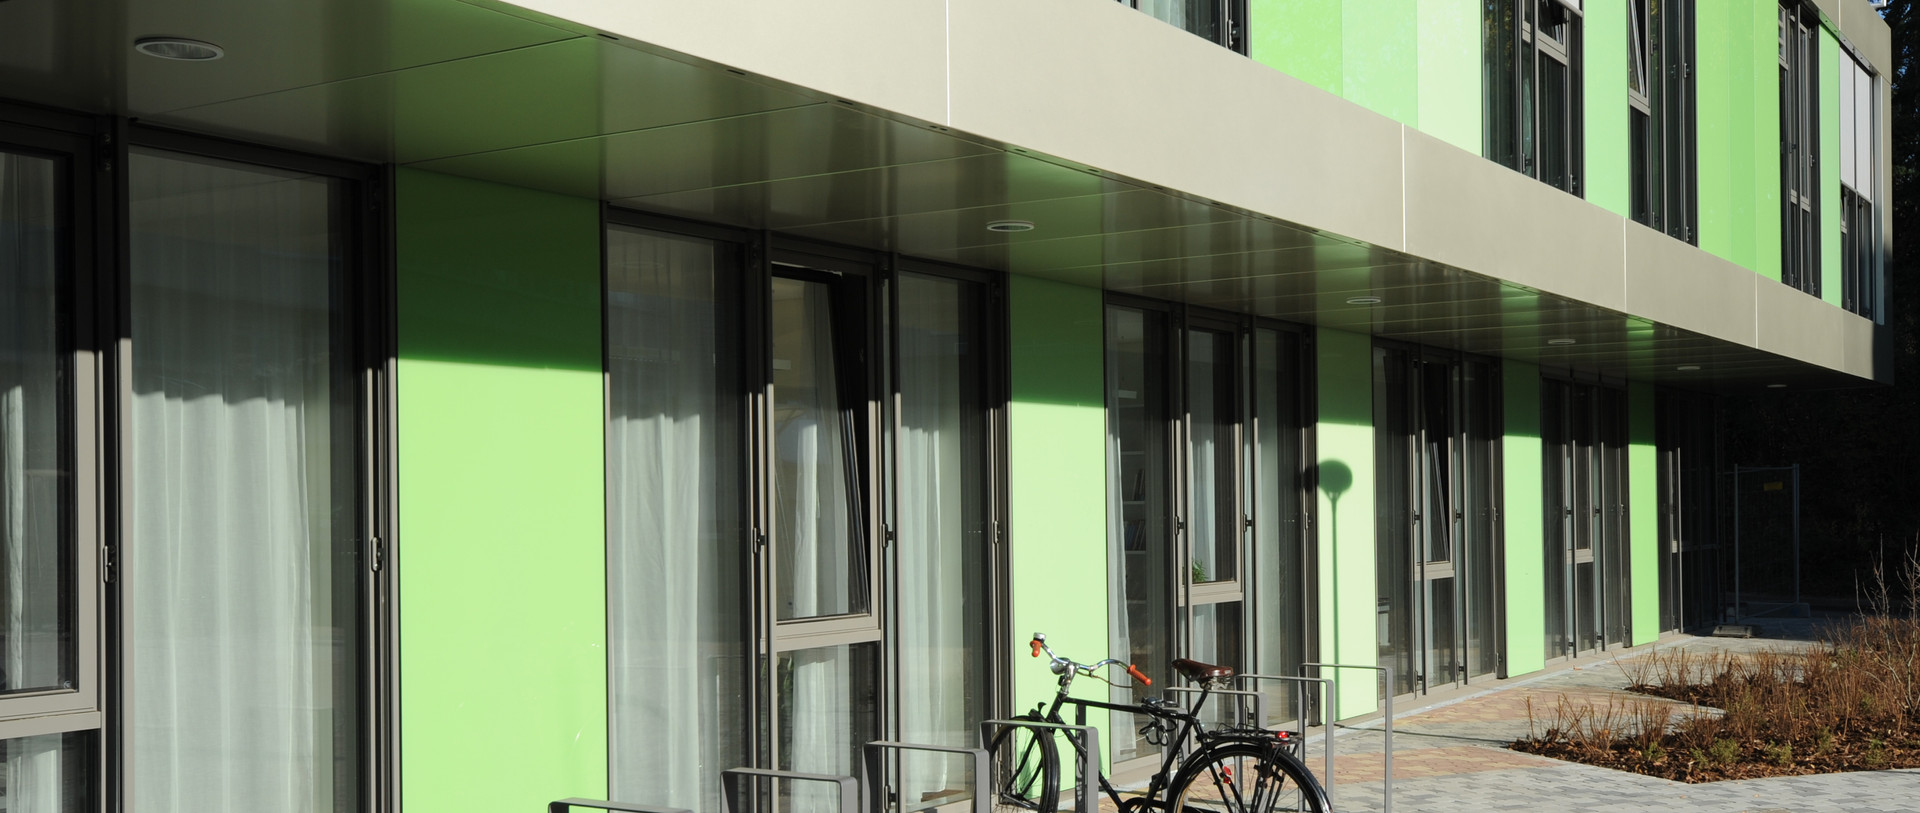 21_Fassade_Fahrrad_DSC_1879a.jpg